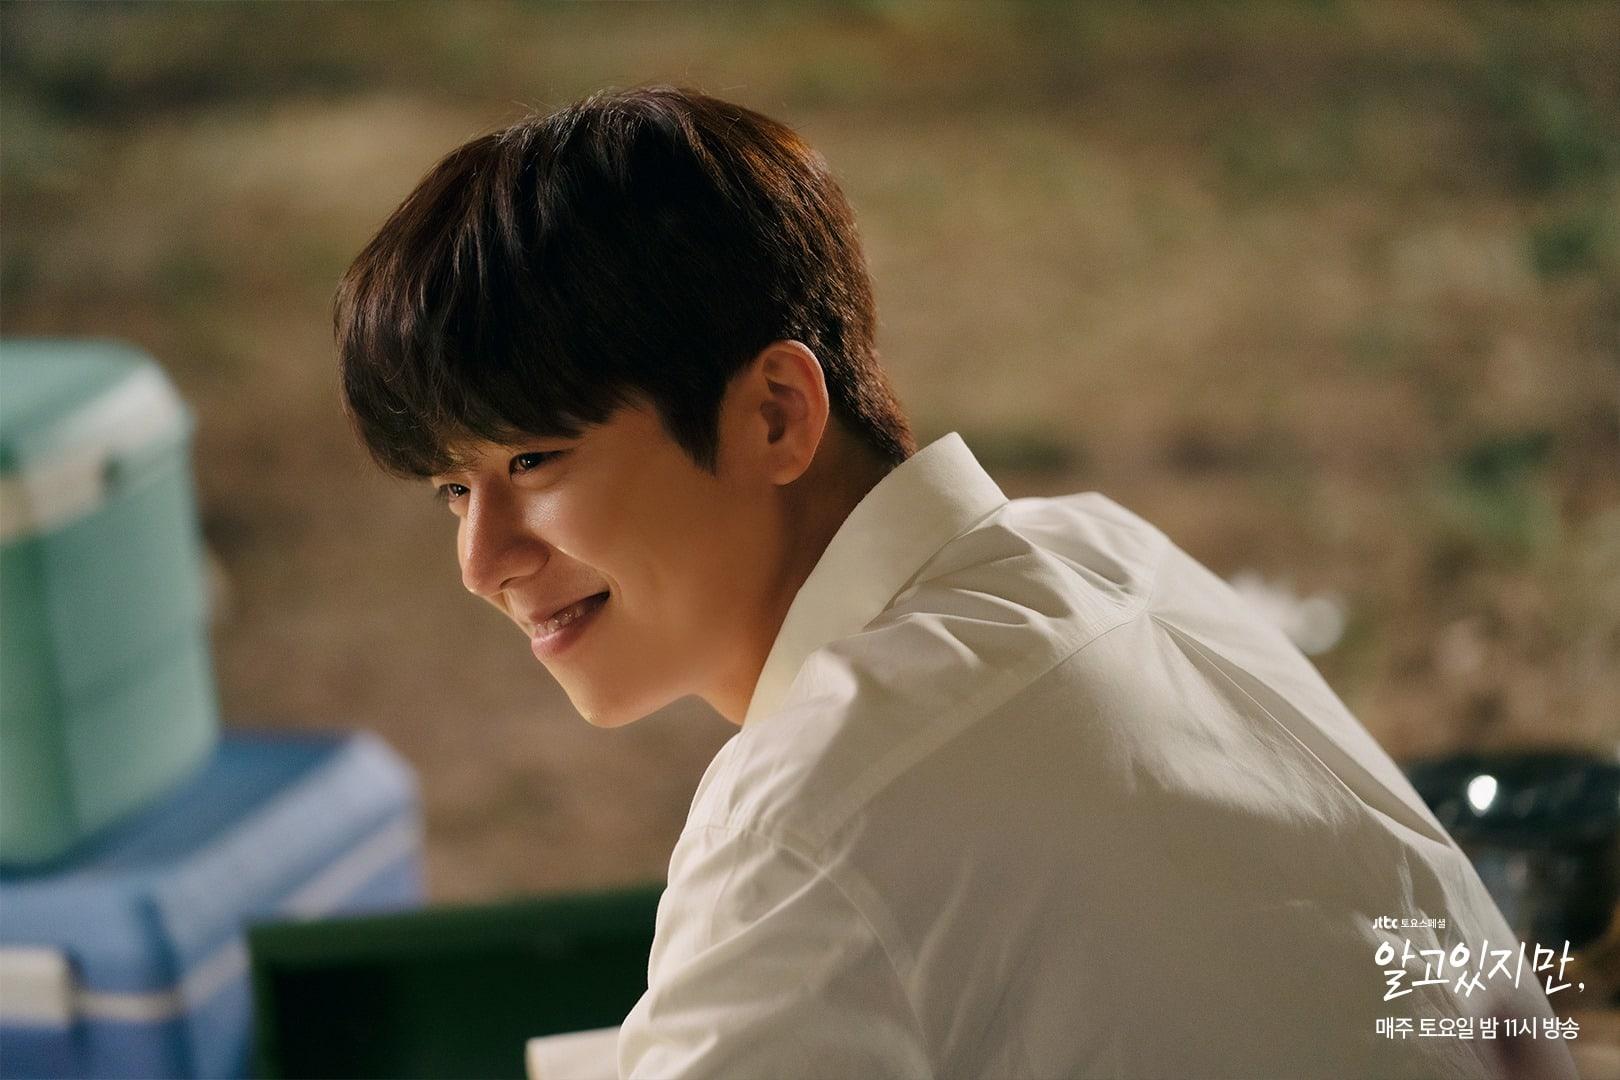 chae jong hyeop nevertheless